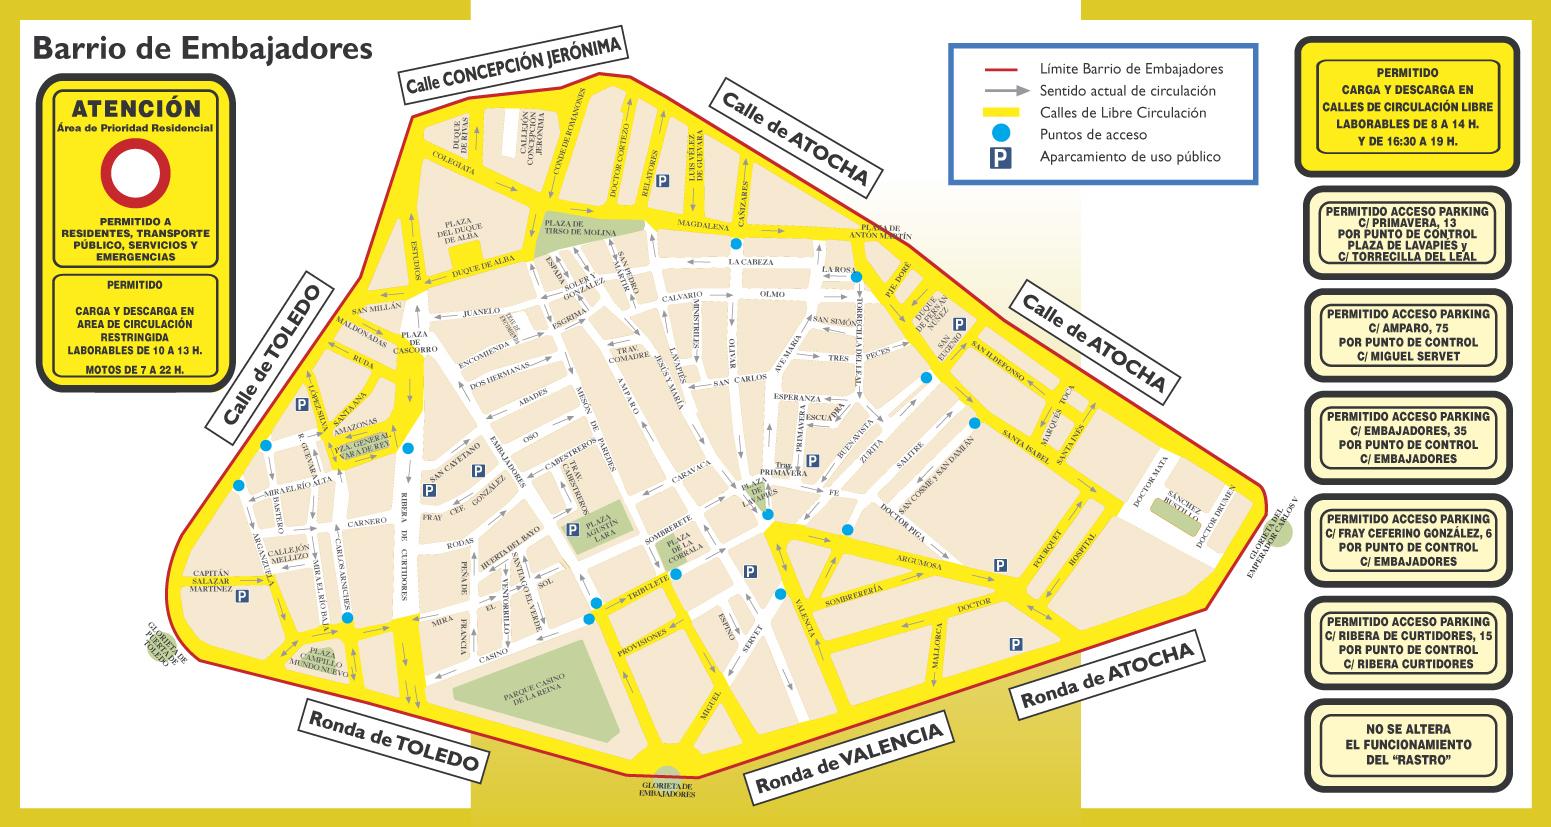 Plano Área de Prioridad Residencial del barrio de Embajadores